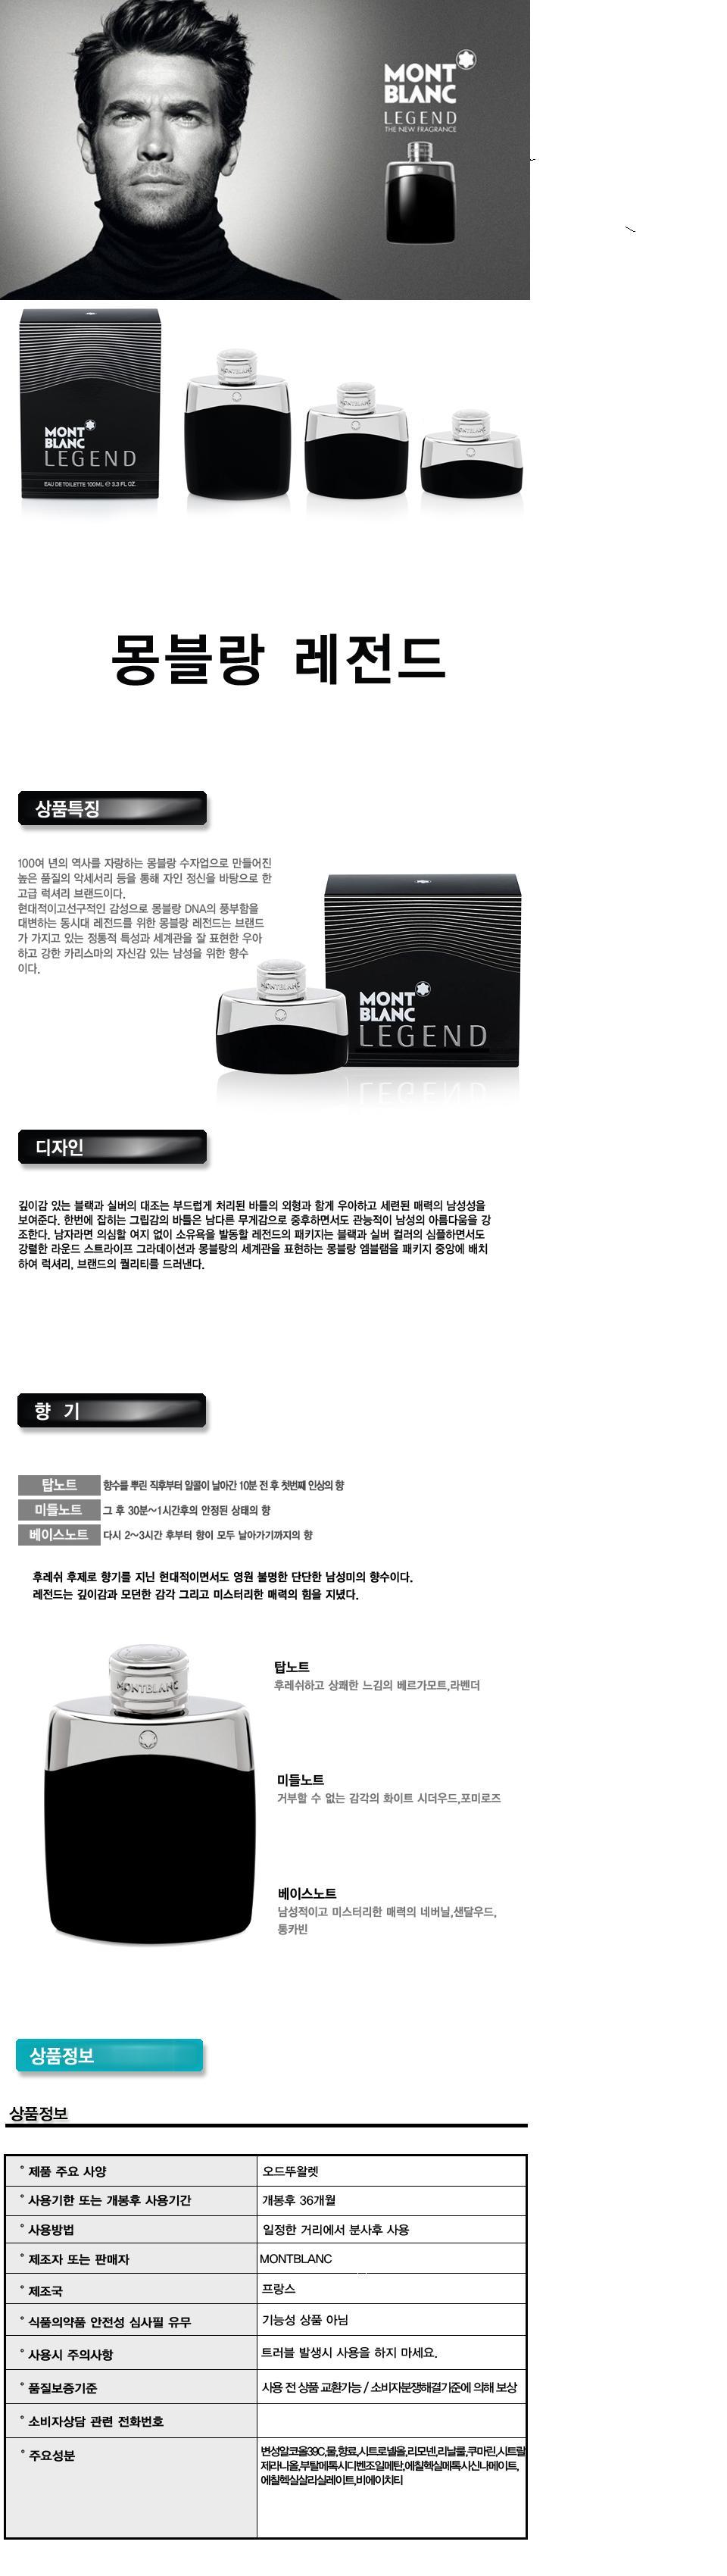 [몽블랑] 레젼드 EDT 100ml 특가행사/무료배송